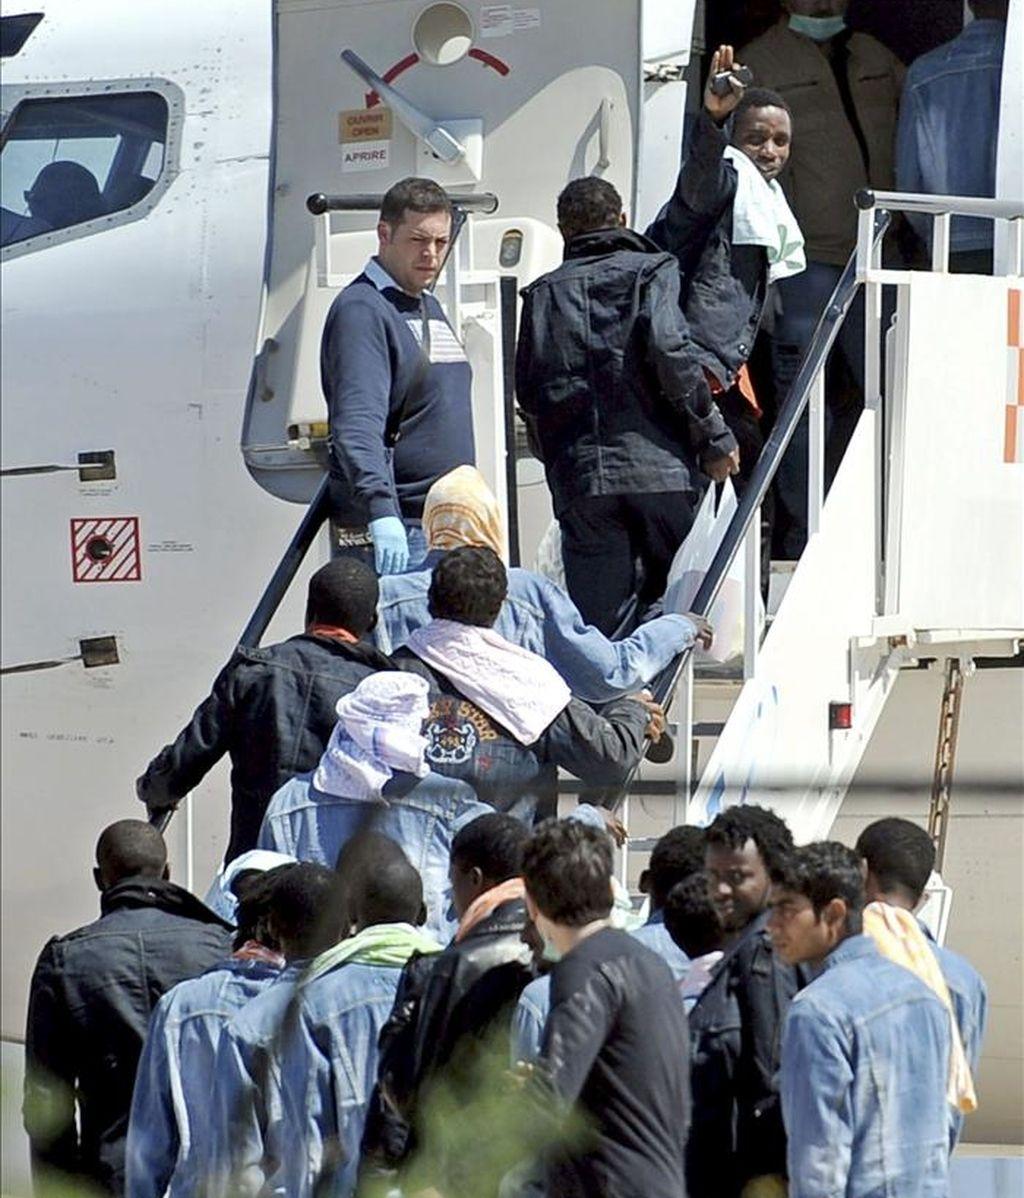 Algunos de los 53 supervivientes del naufragio de ayer en las proximidades de la isla de Lampedusa, embarcan en un avión en el aeropuerto de Lampedusa, Italia. EFE